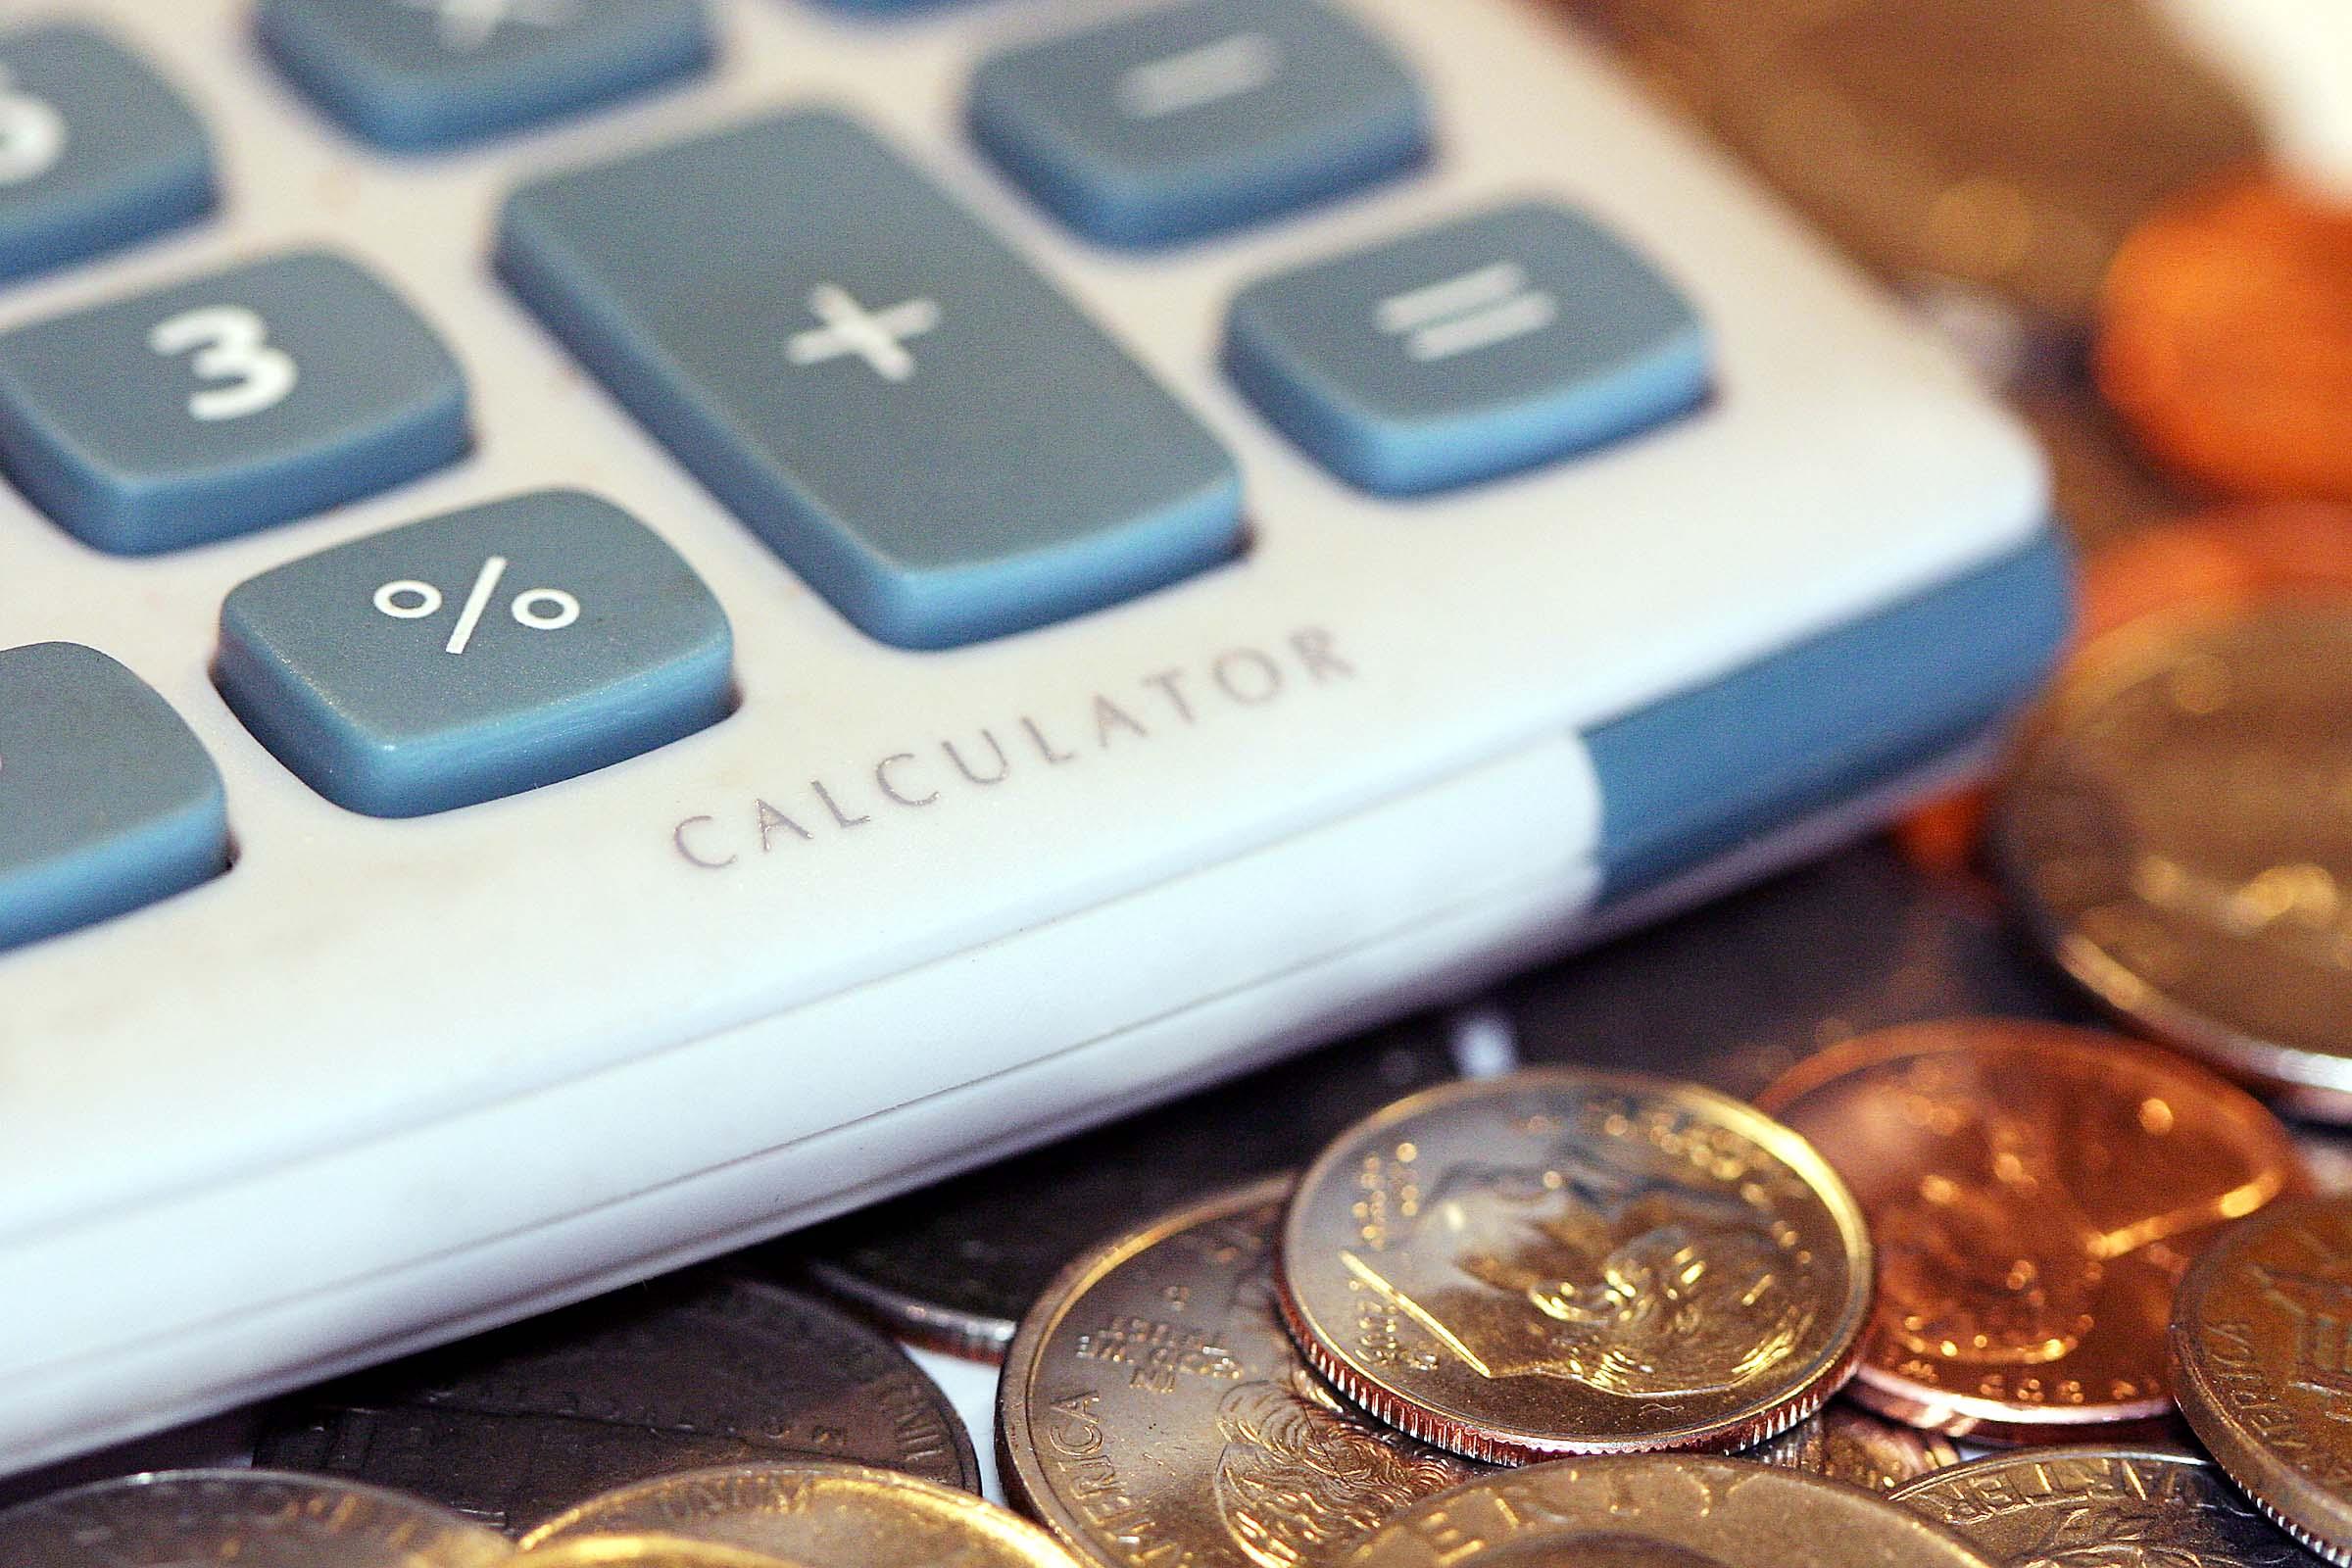 آیا می دانید پرداخت مالیات پس از سررسید چه جریمه ای دارد ؟